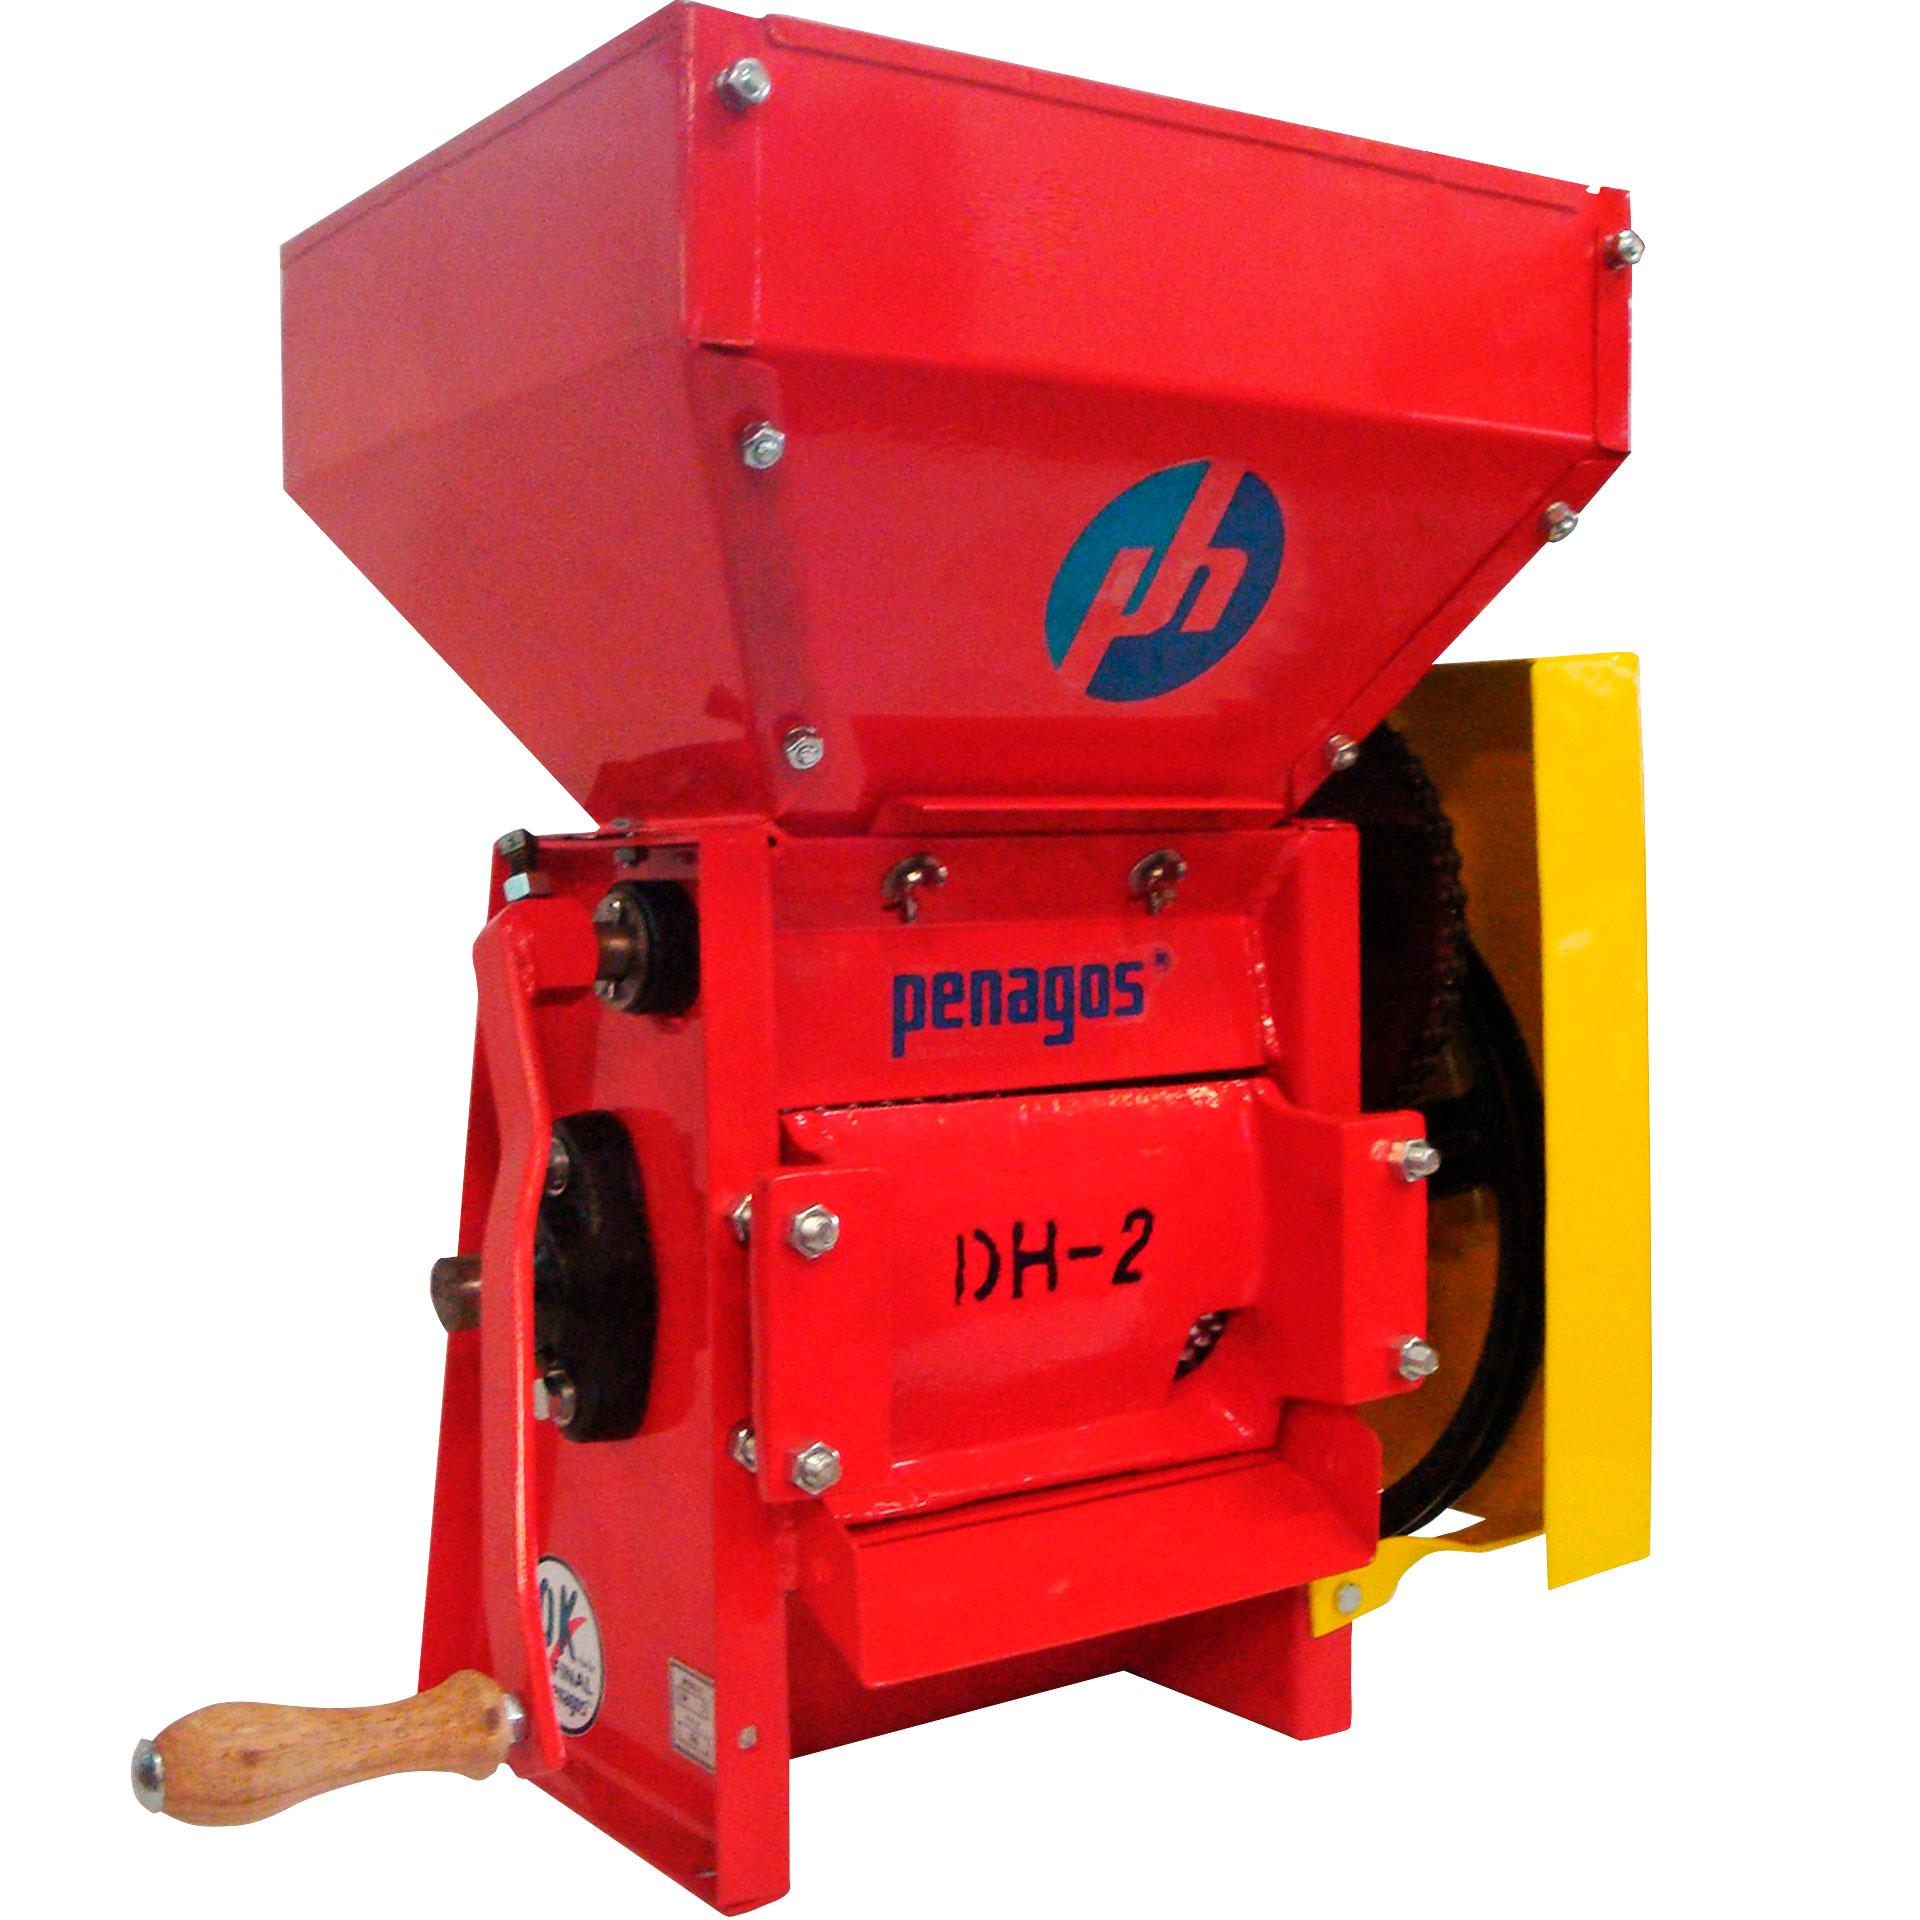 Despulpadora-Horizontal-Dh-2-Maquinaria-Agrícola